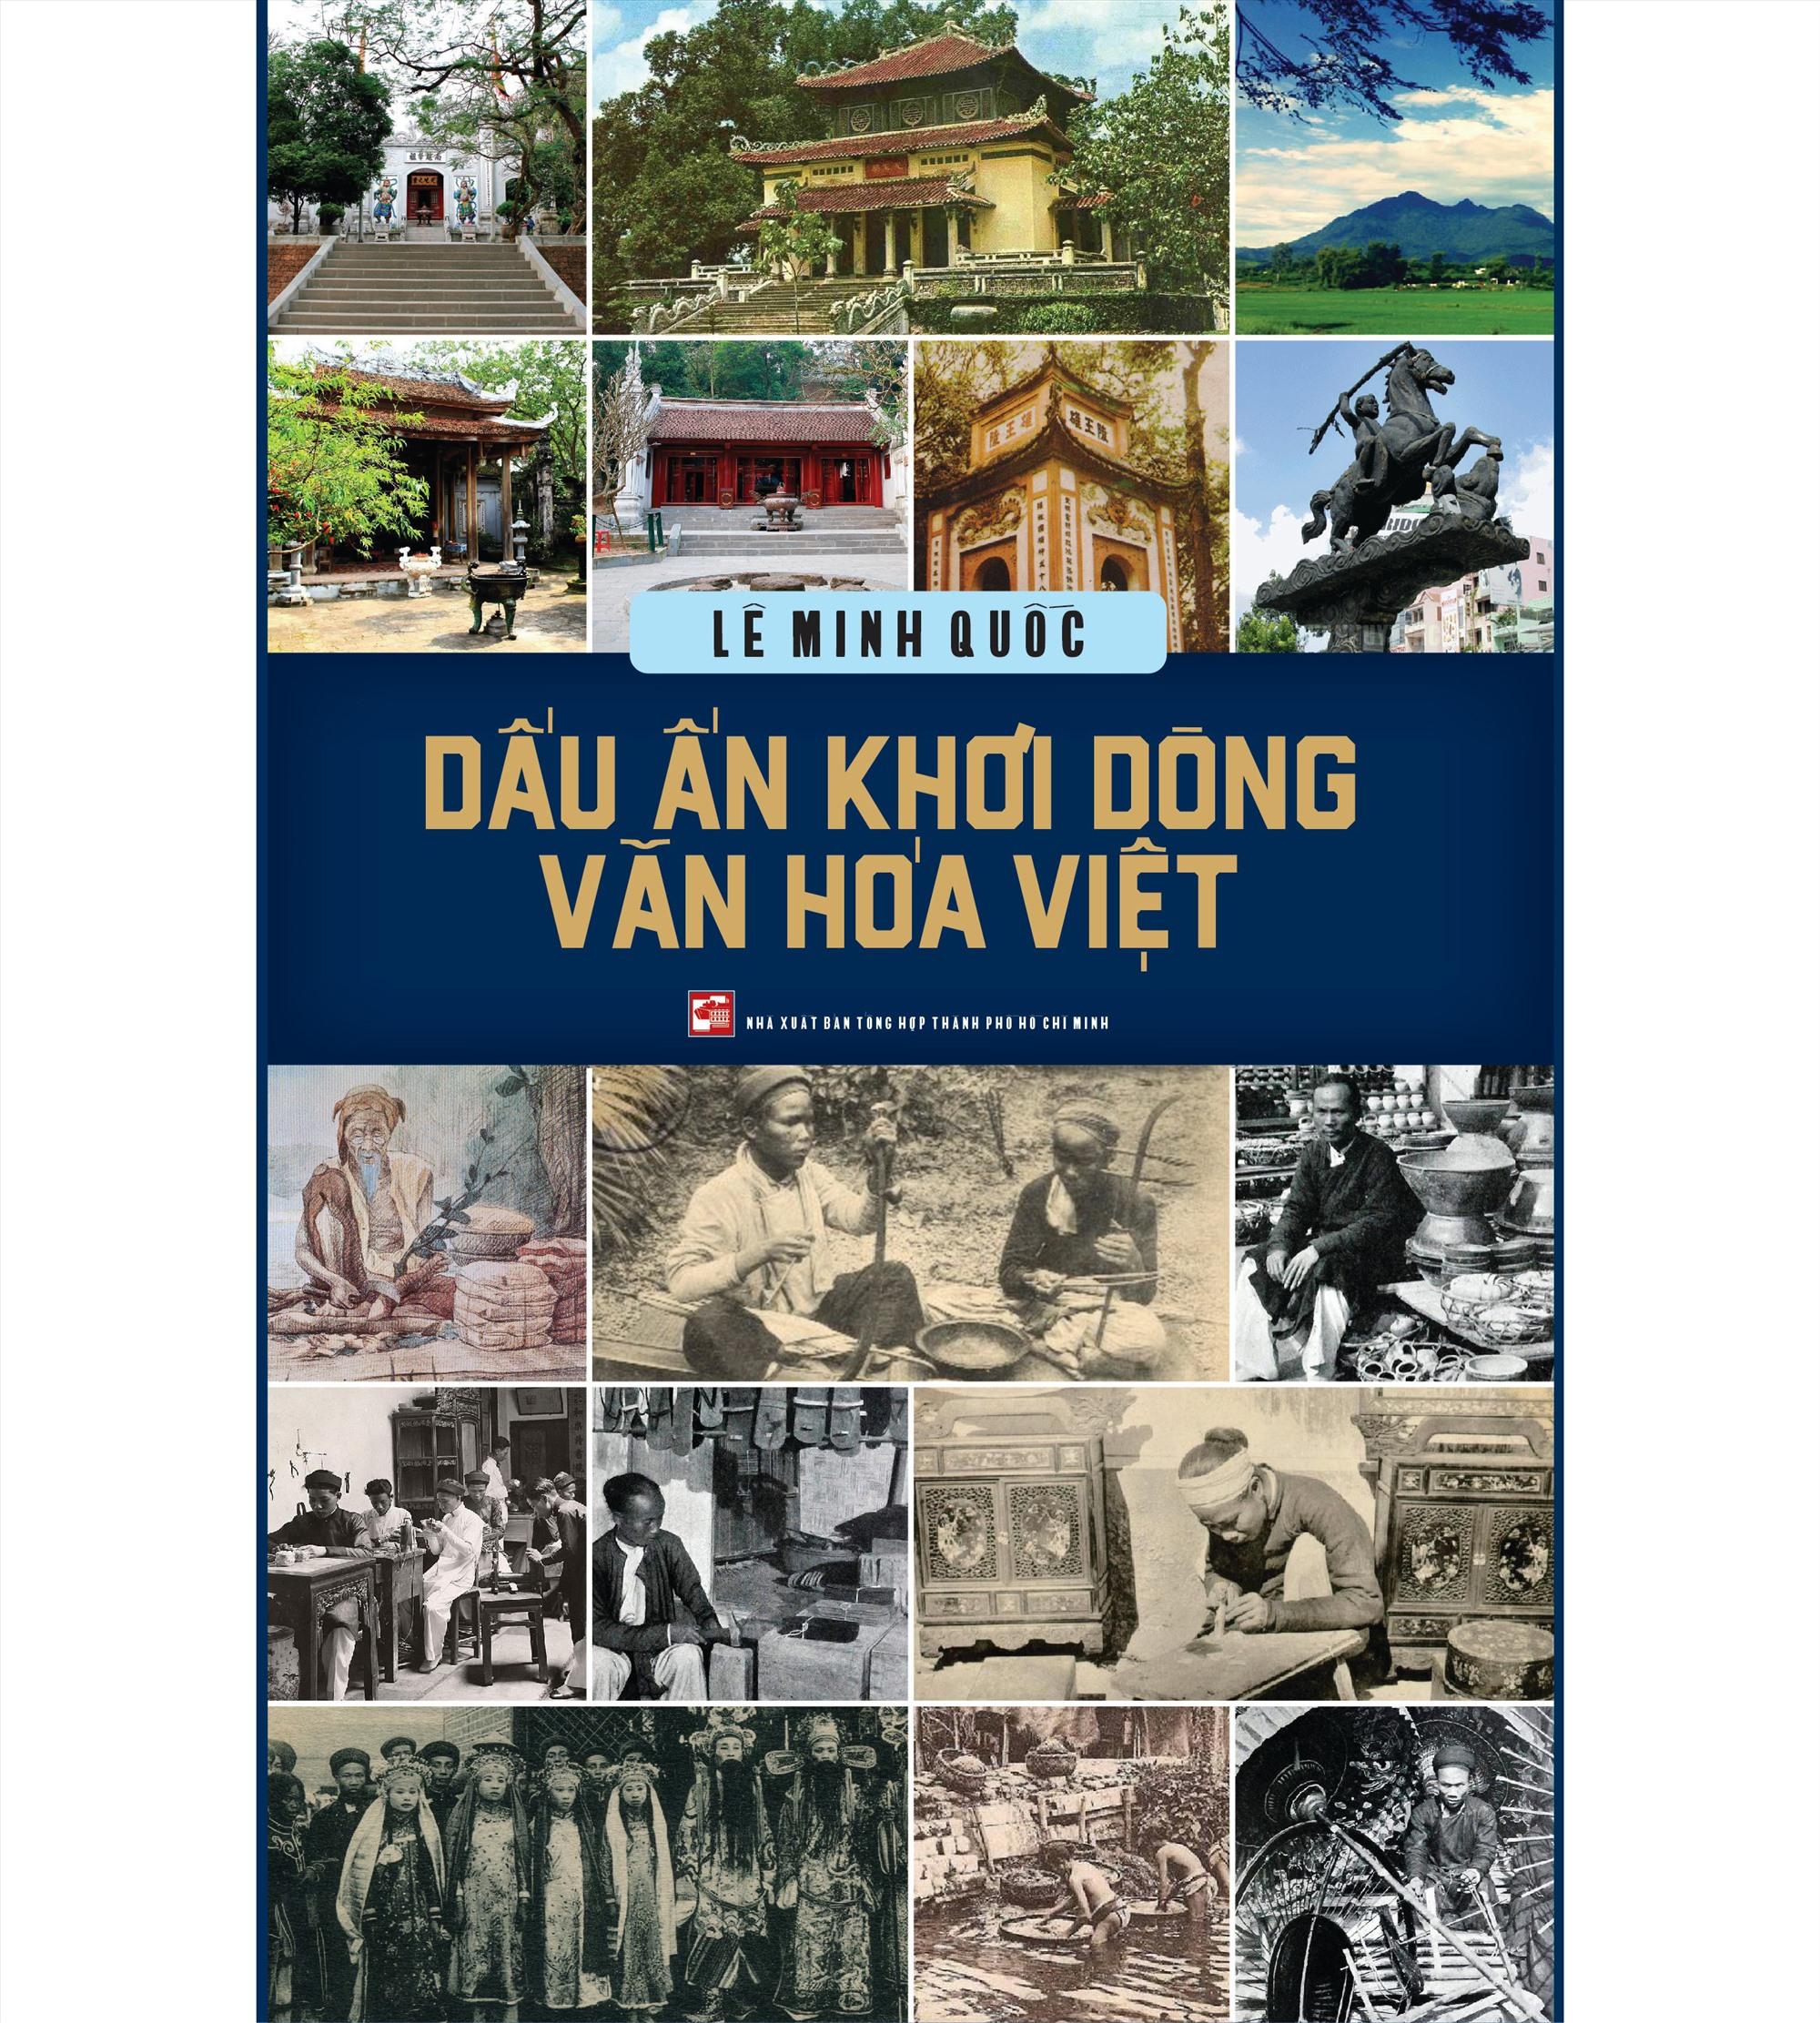 """Cuốn sách """"Dấu ấn khơi dòng văn hóa Việt""""."""